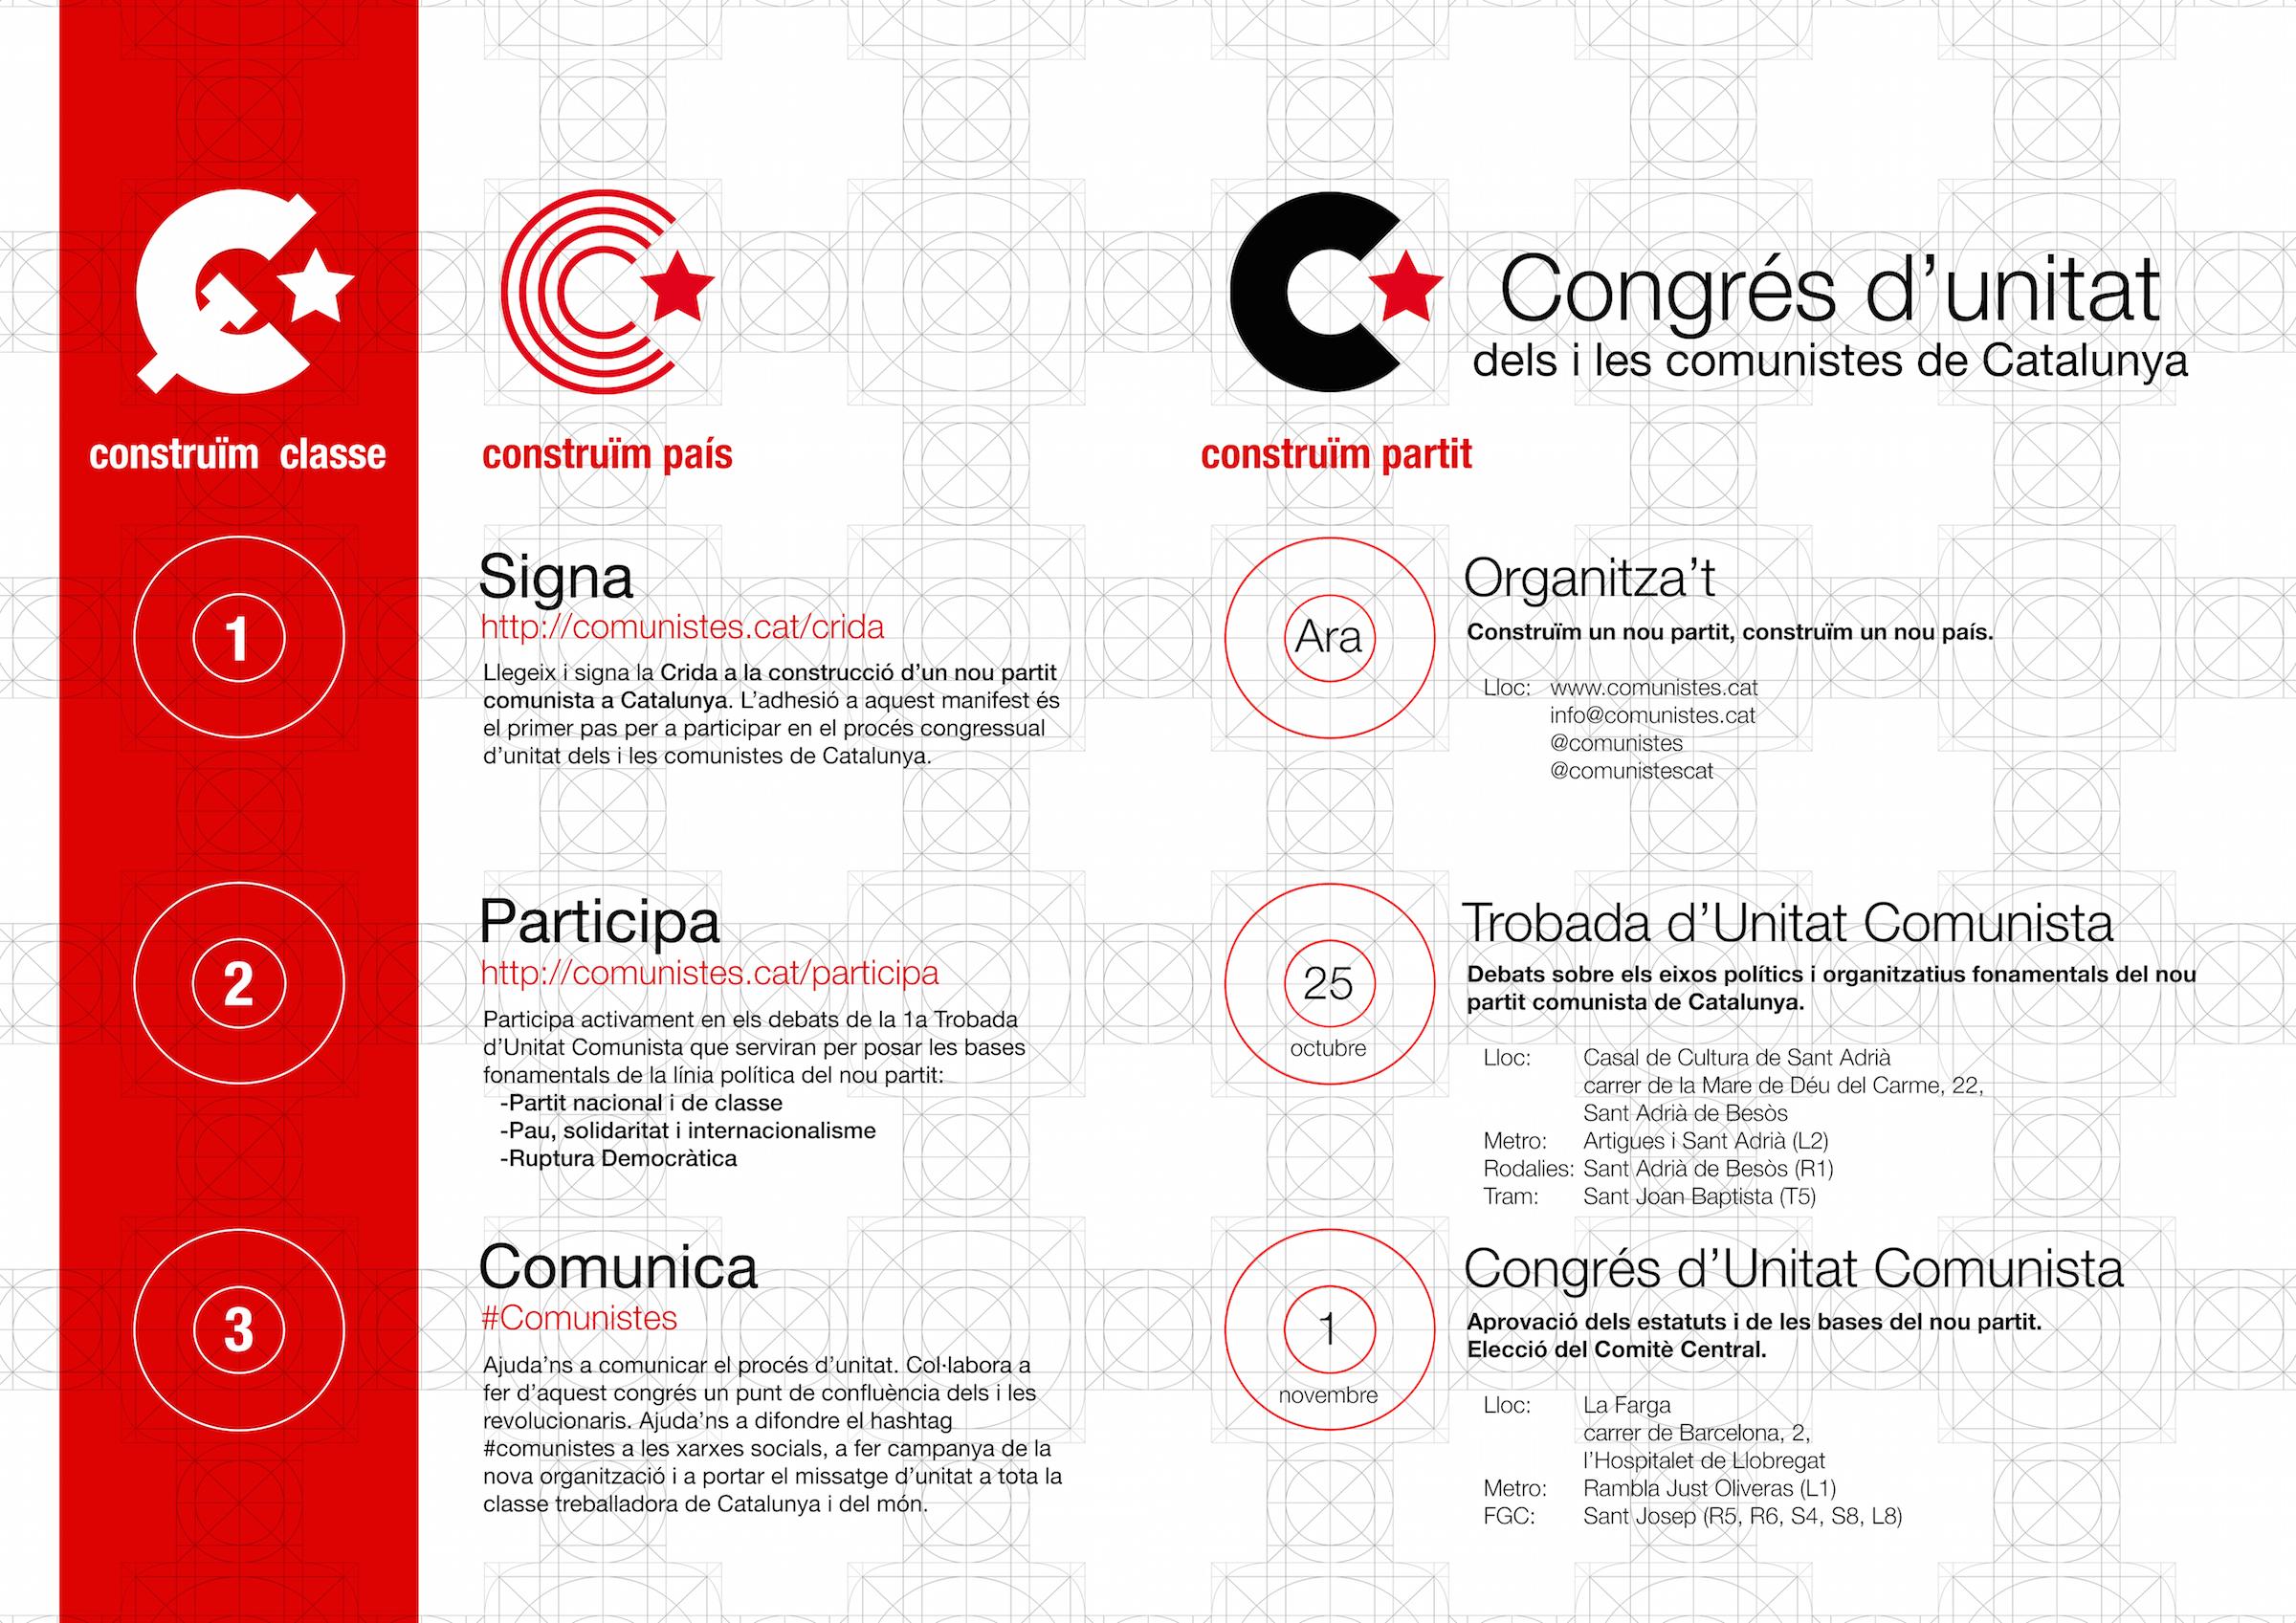 Congrés d'Unitat Comunista